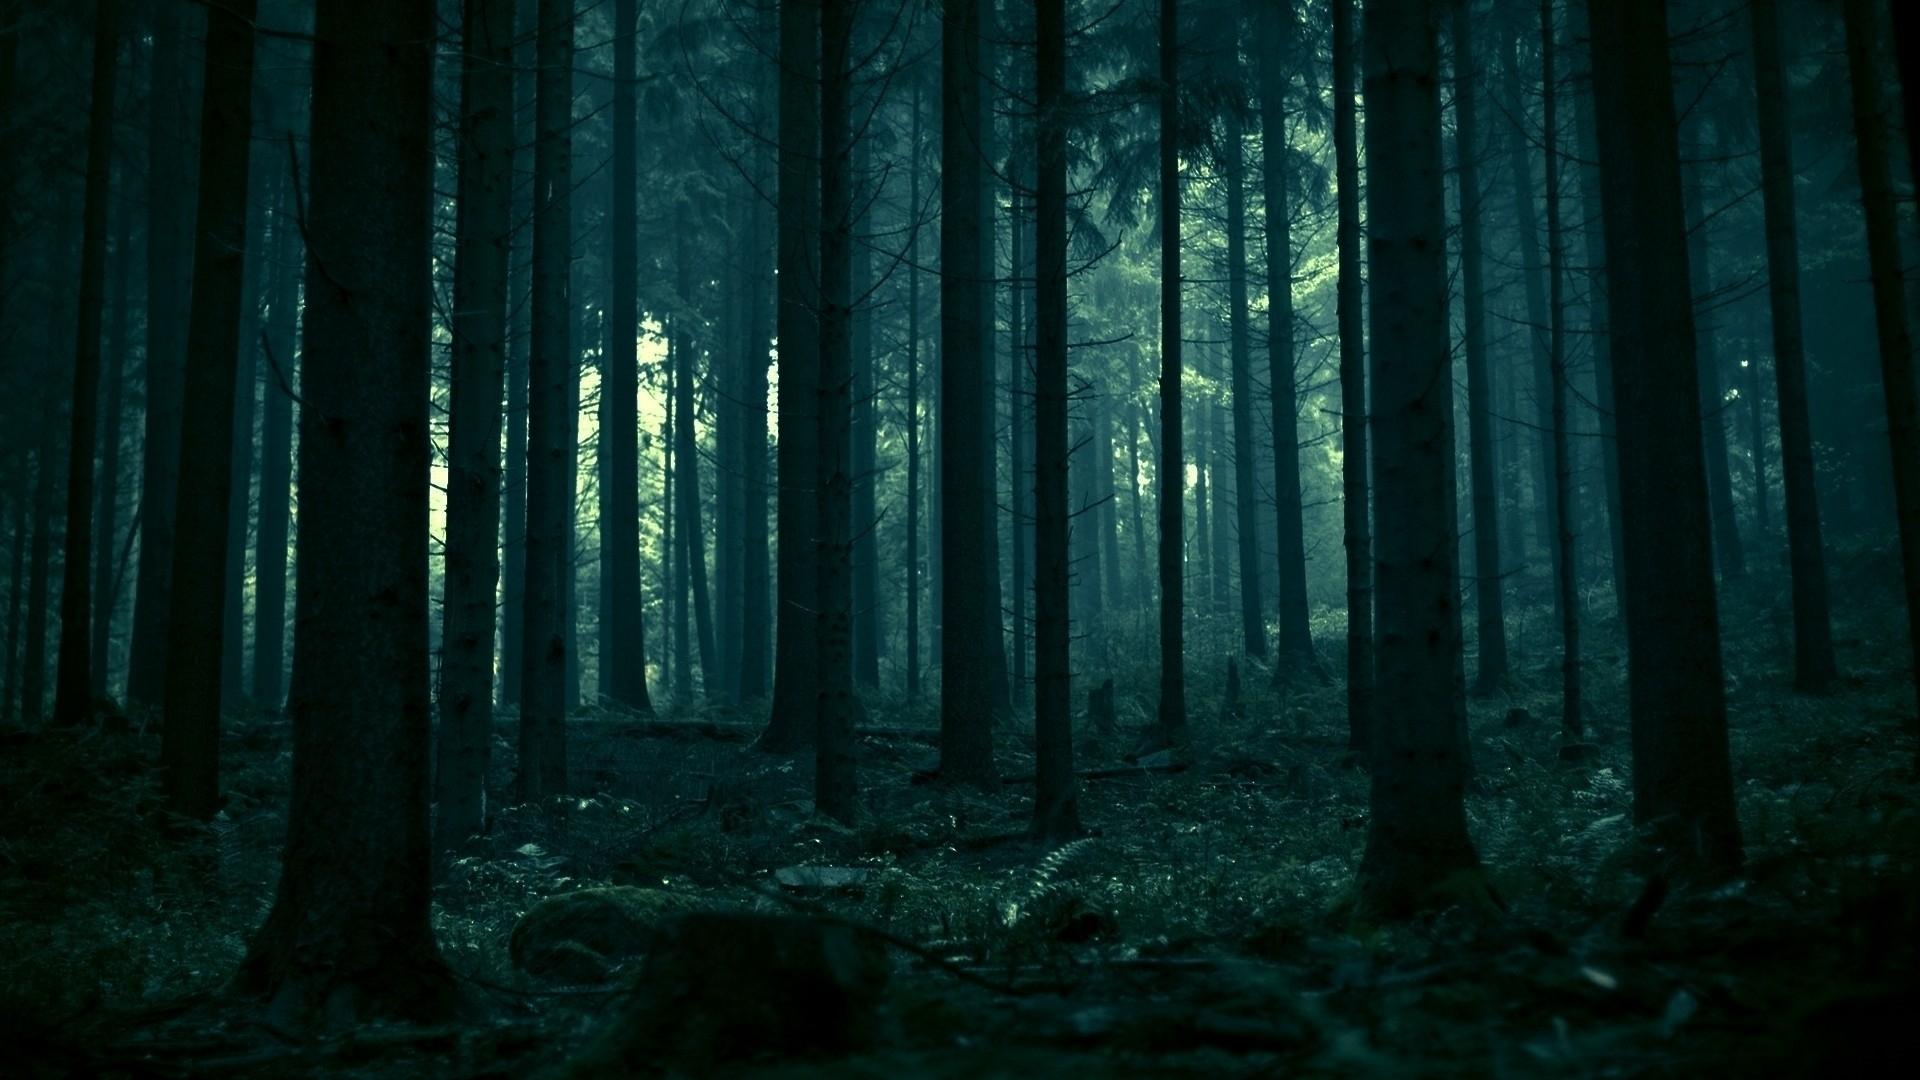 forest wallpaper tumblr 3 | gravity falls cover's me | pinterest